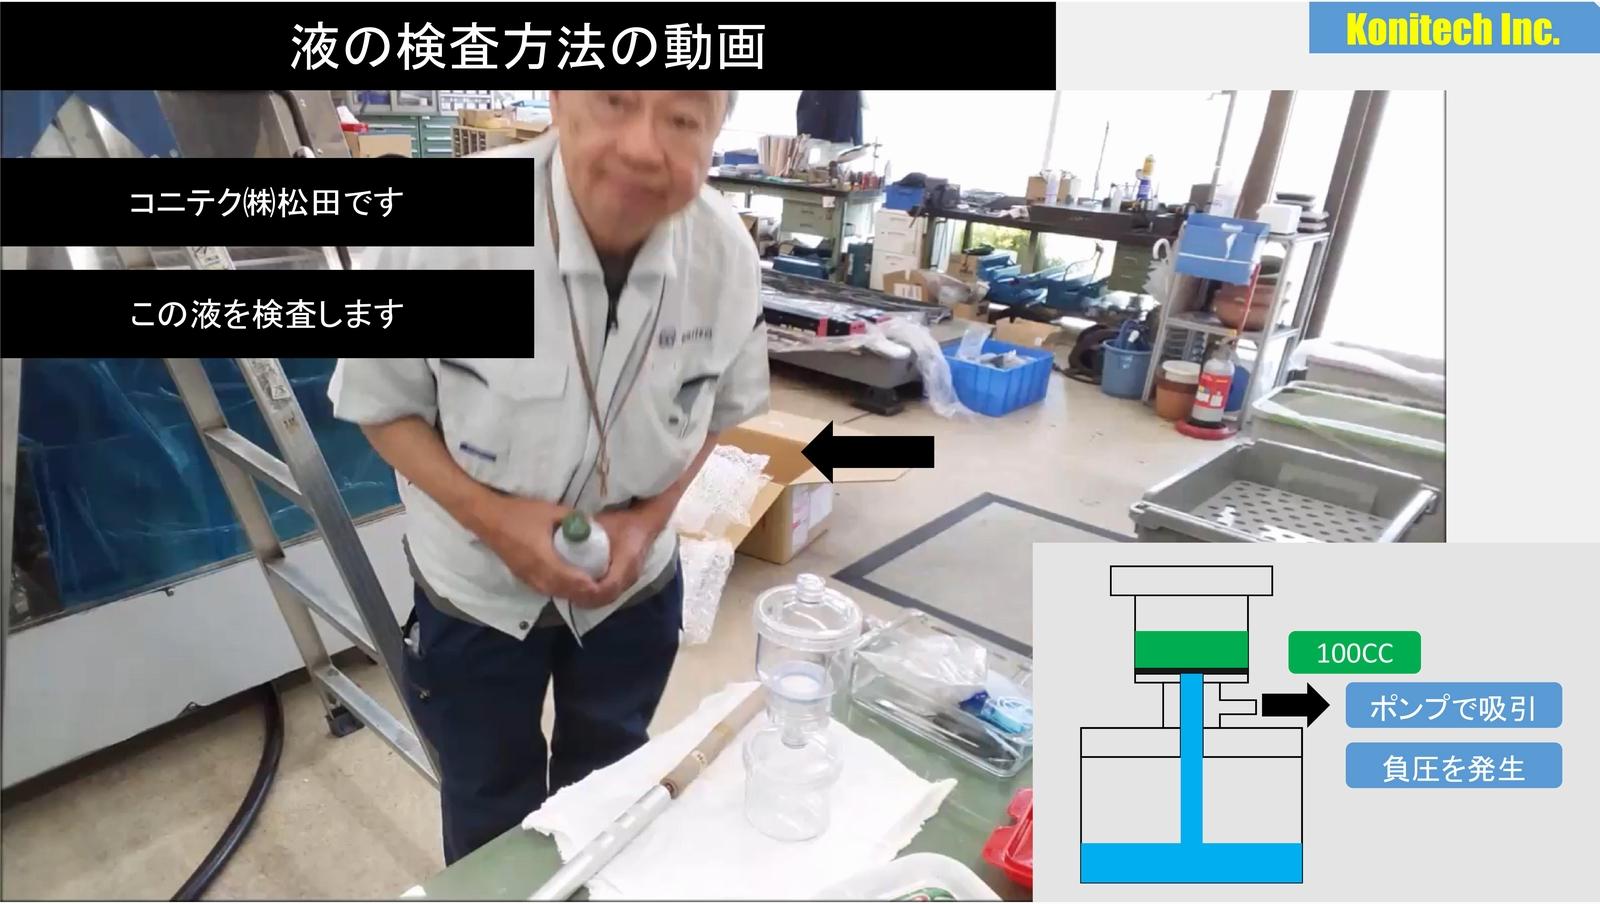 液の検査方法のビデオ